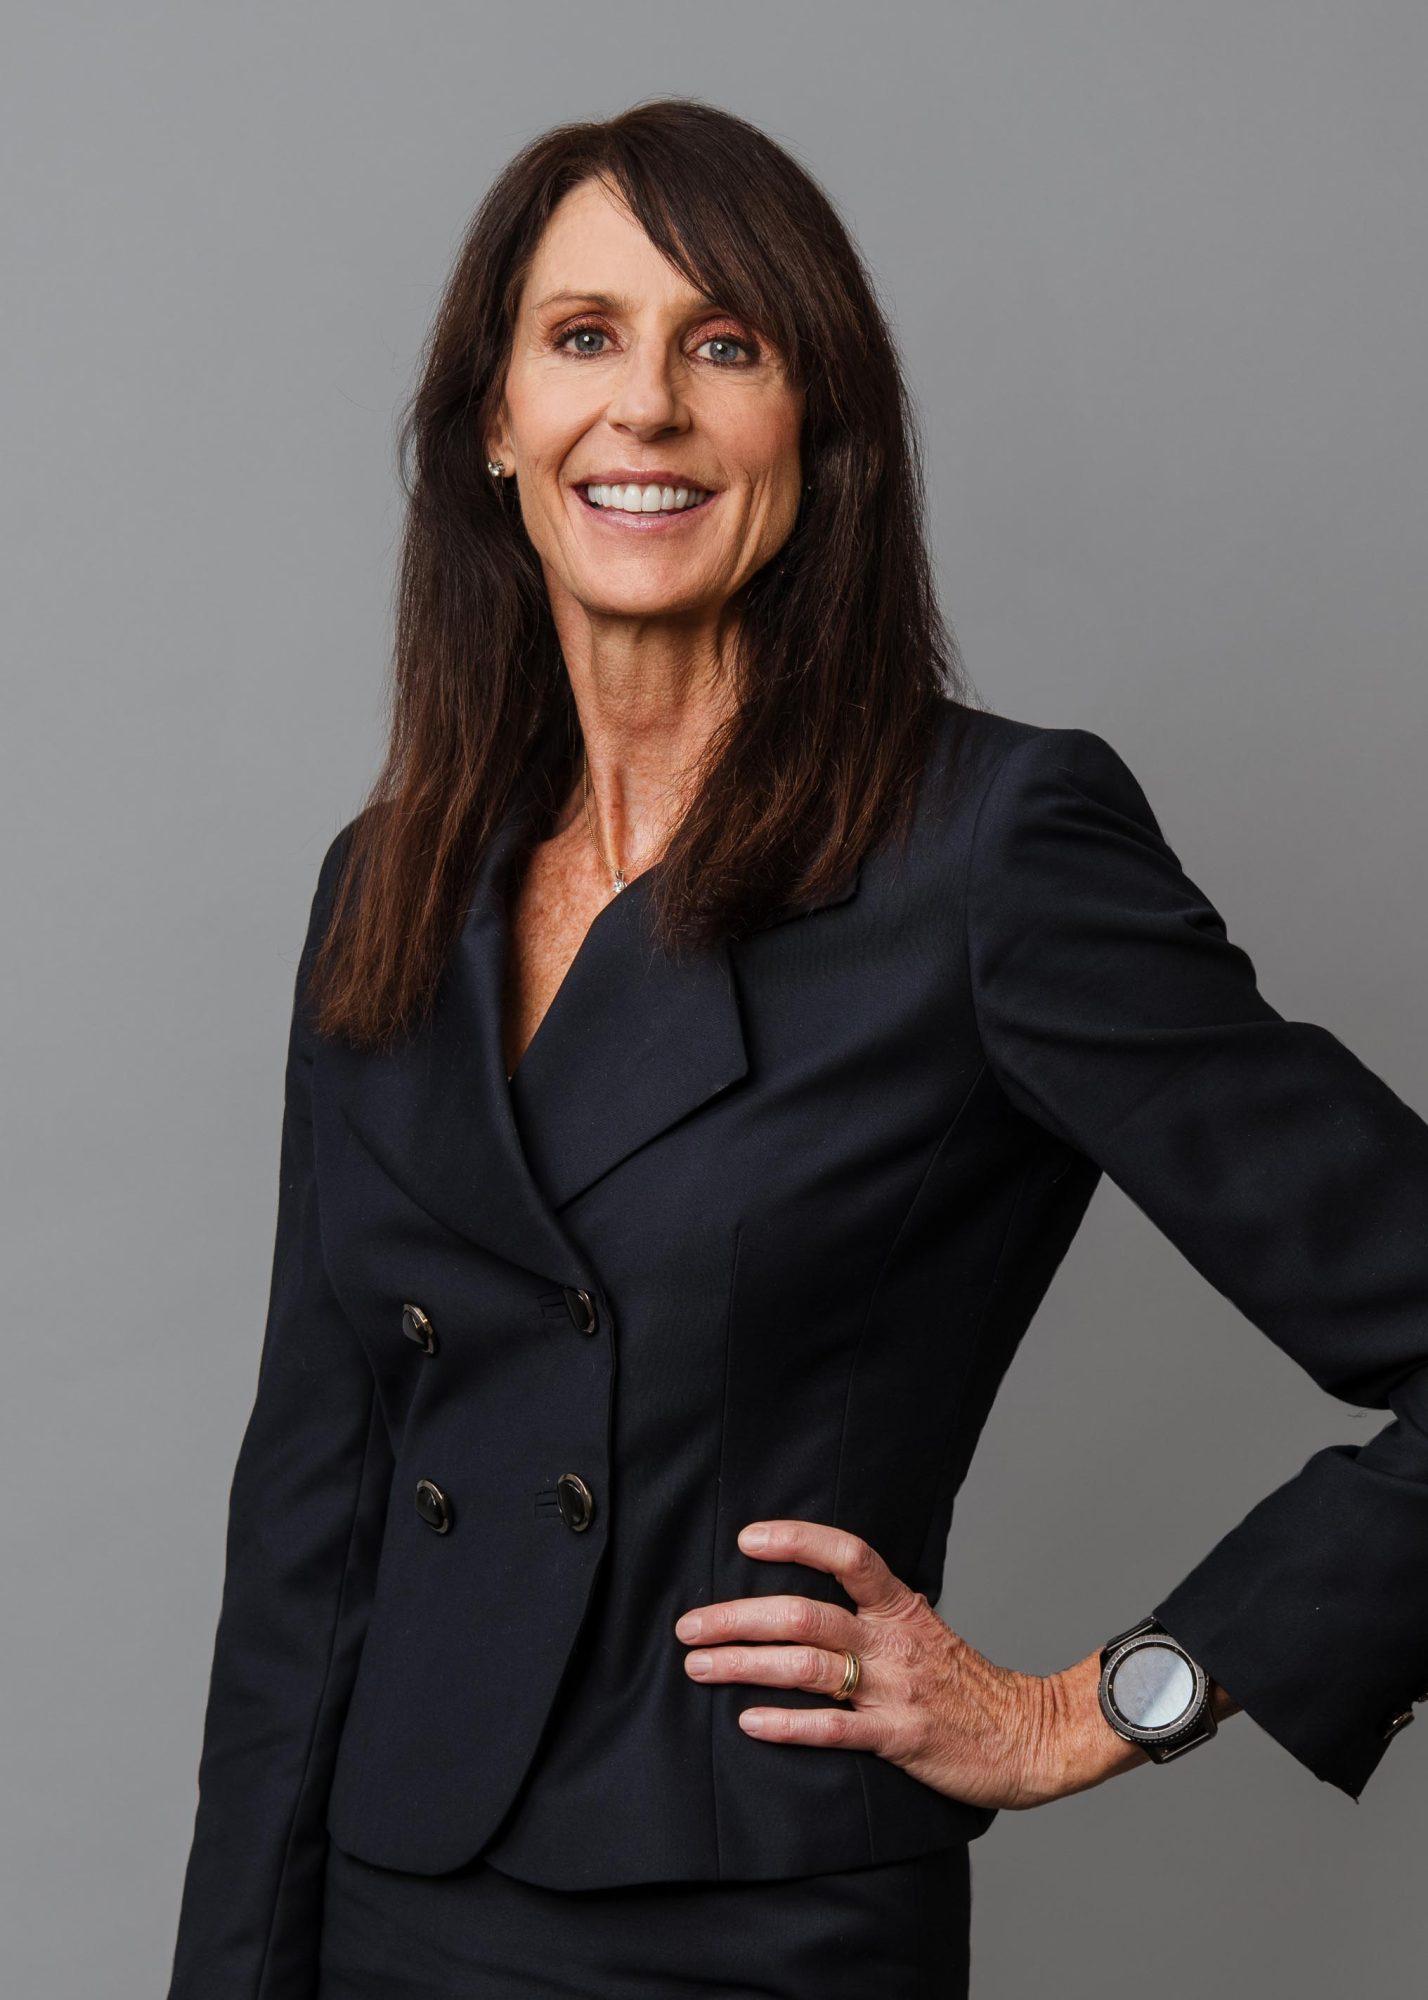 Photo of Niki Vischer, MD